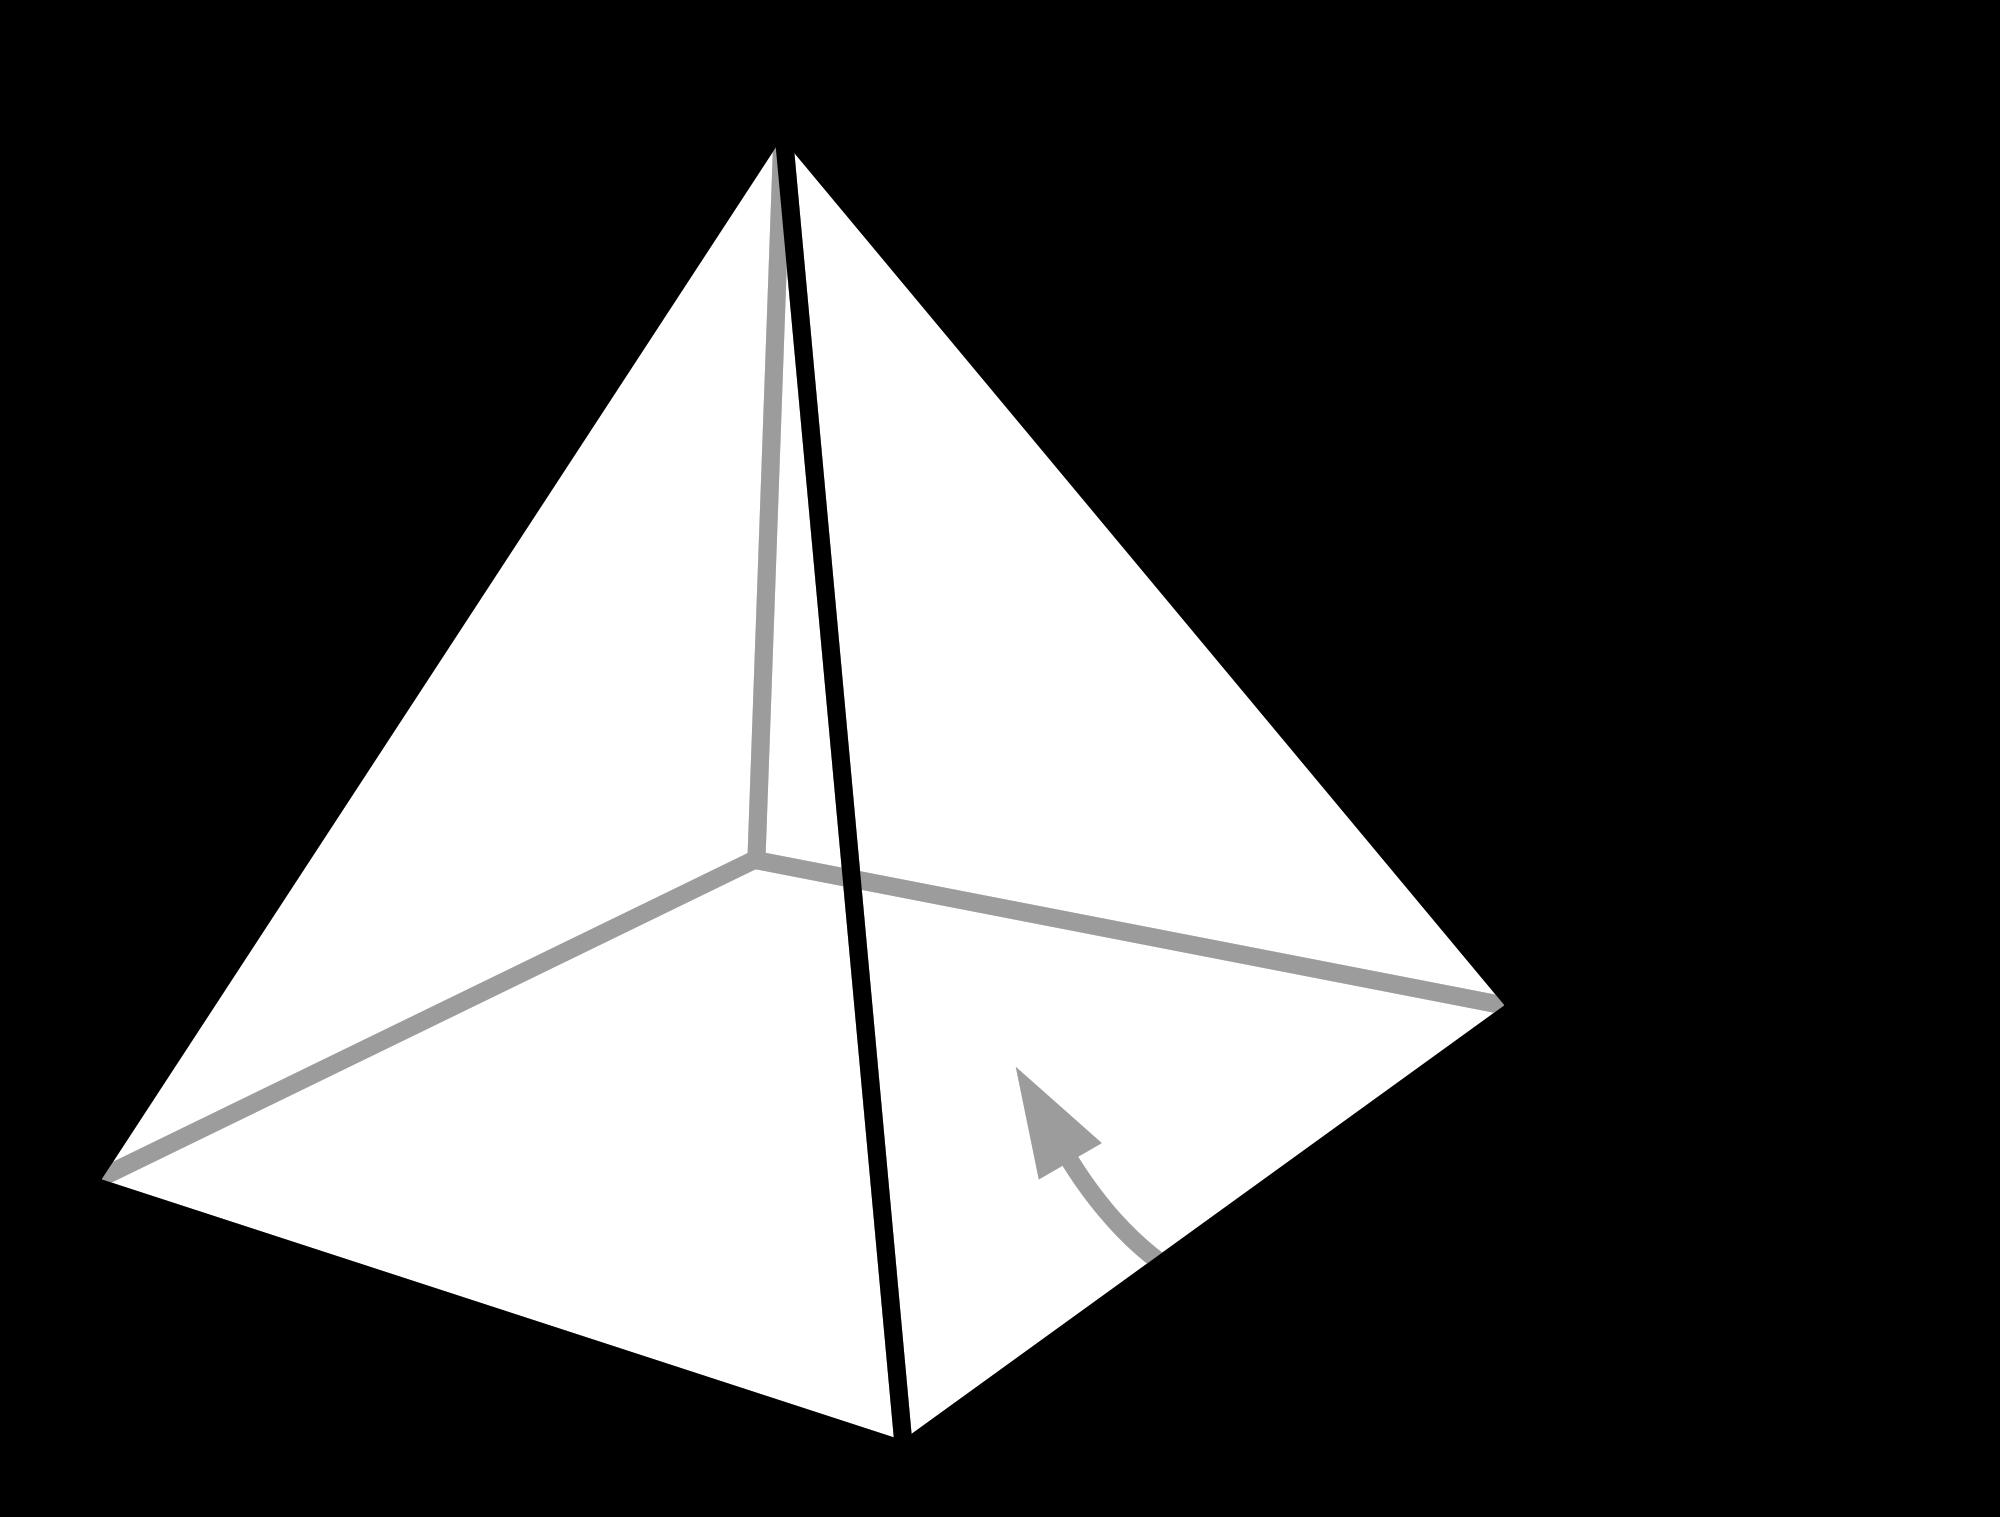 th grade mathematics. Square clipart quadrilateral shape